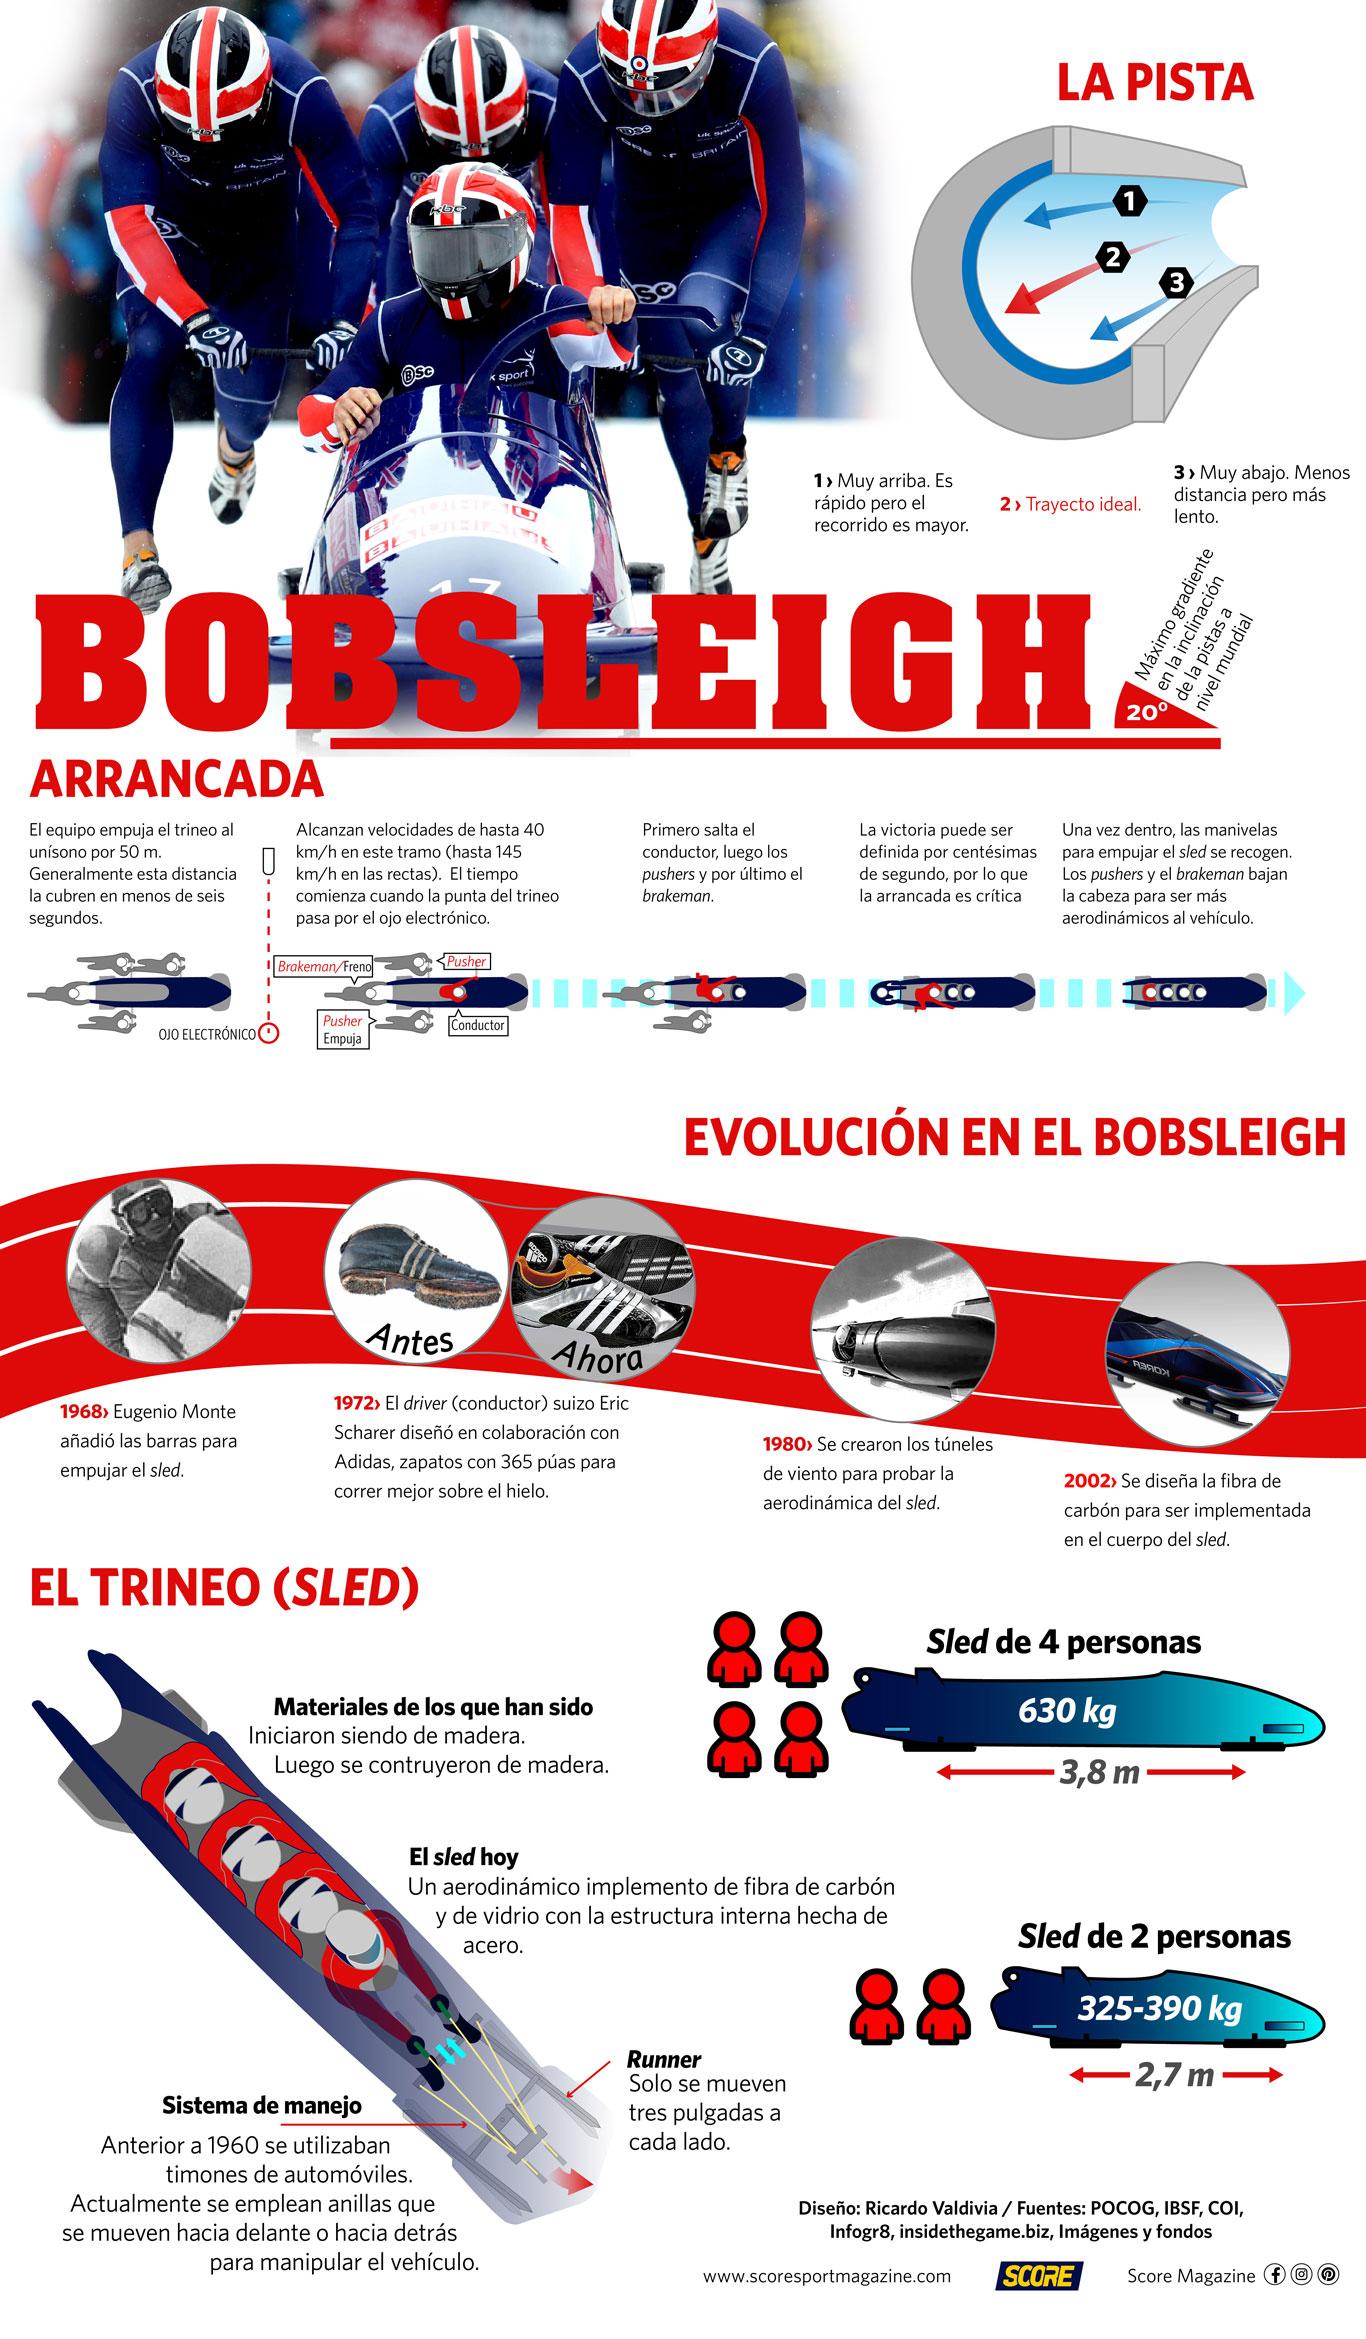 Bobsleigh_infografía